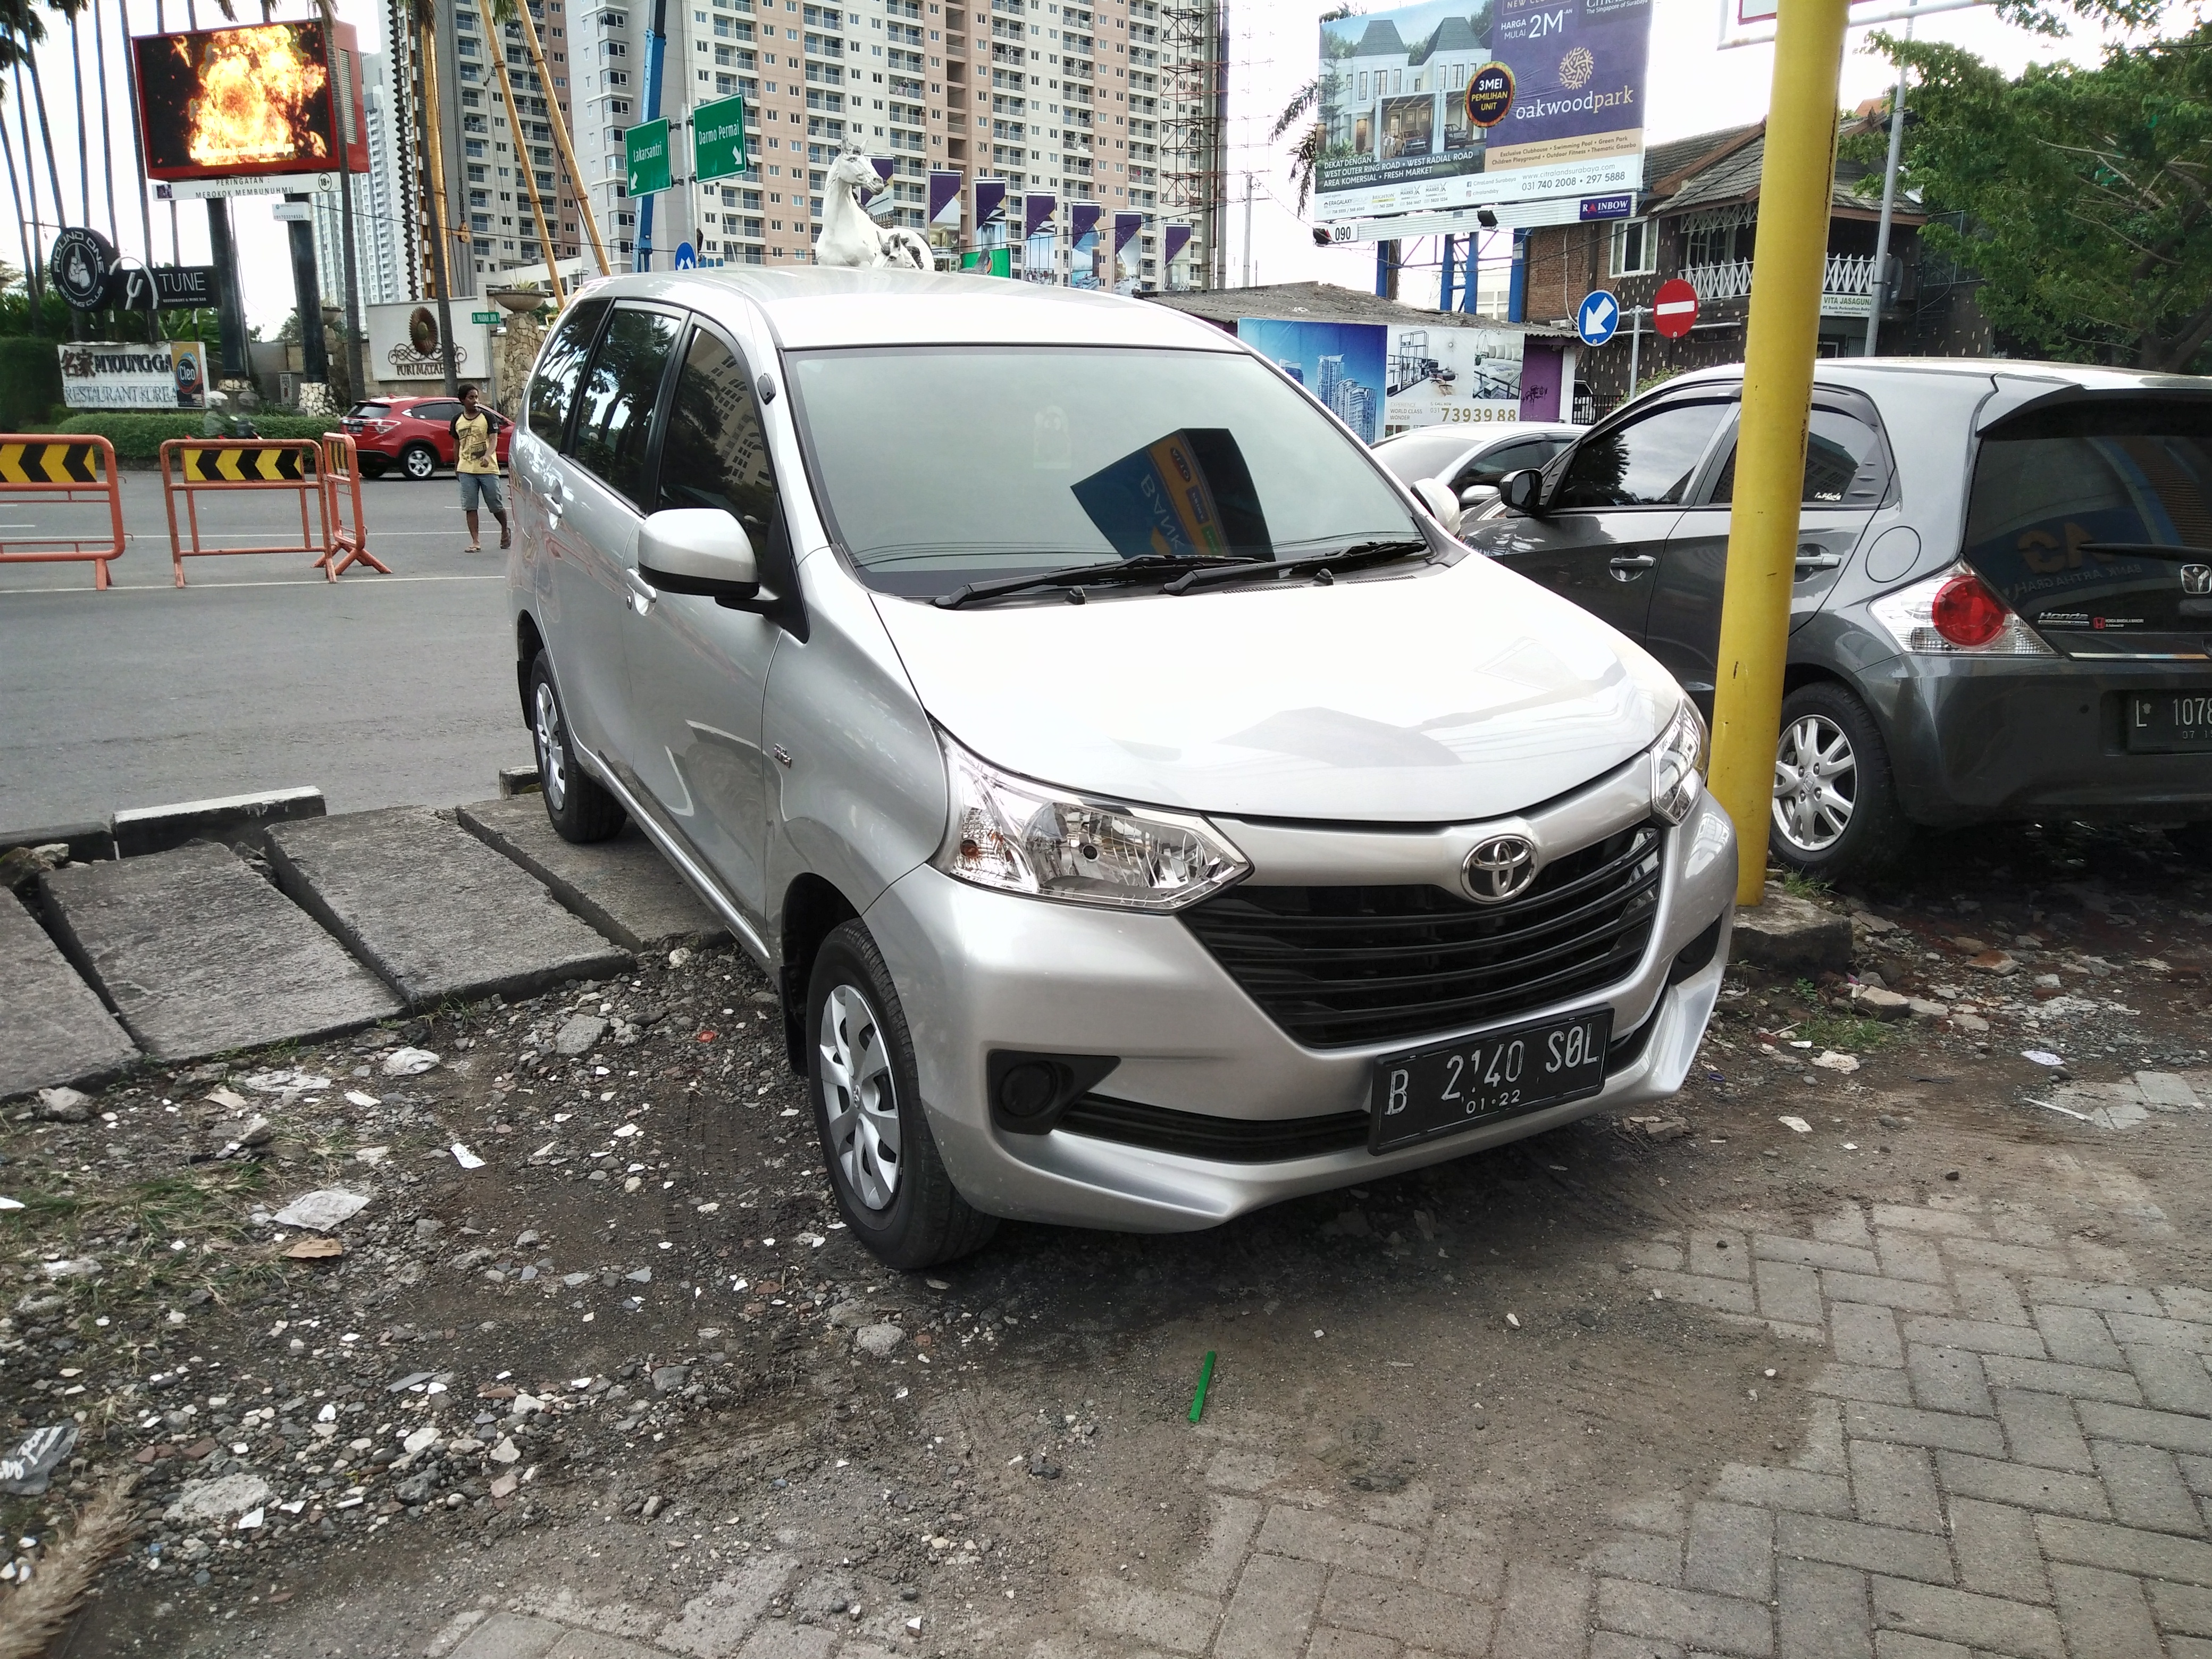 File:2017 Toyota Avanza 1.3 E 01, West Surabaya.jpg ...